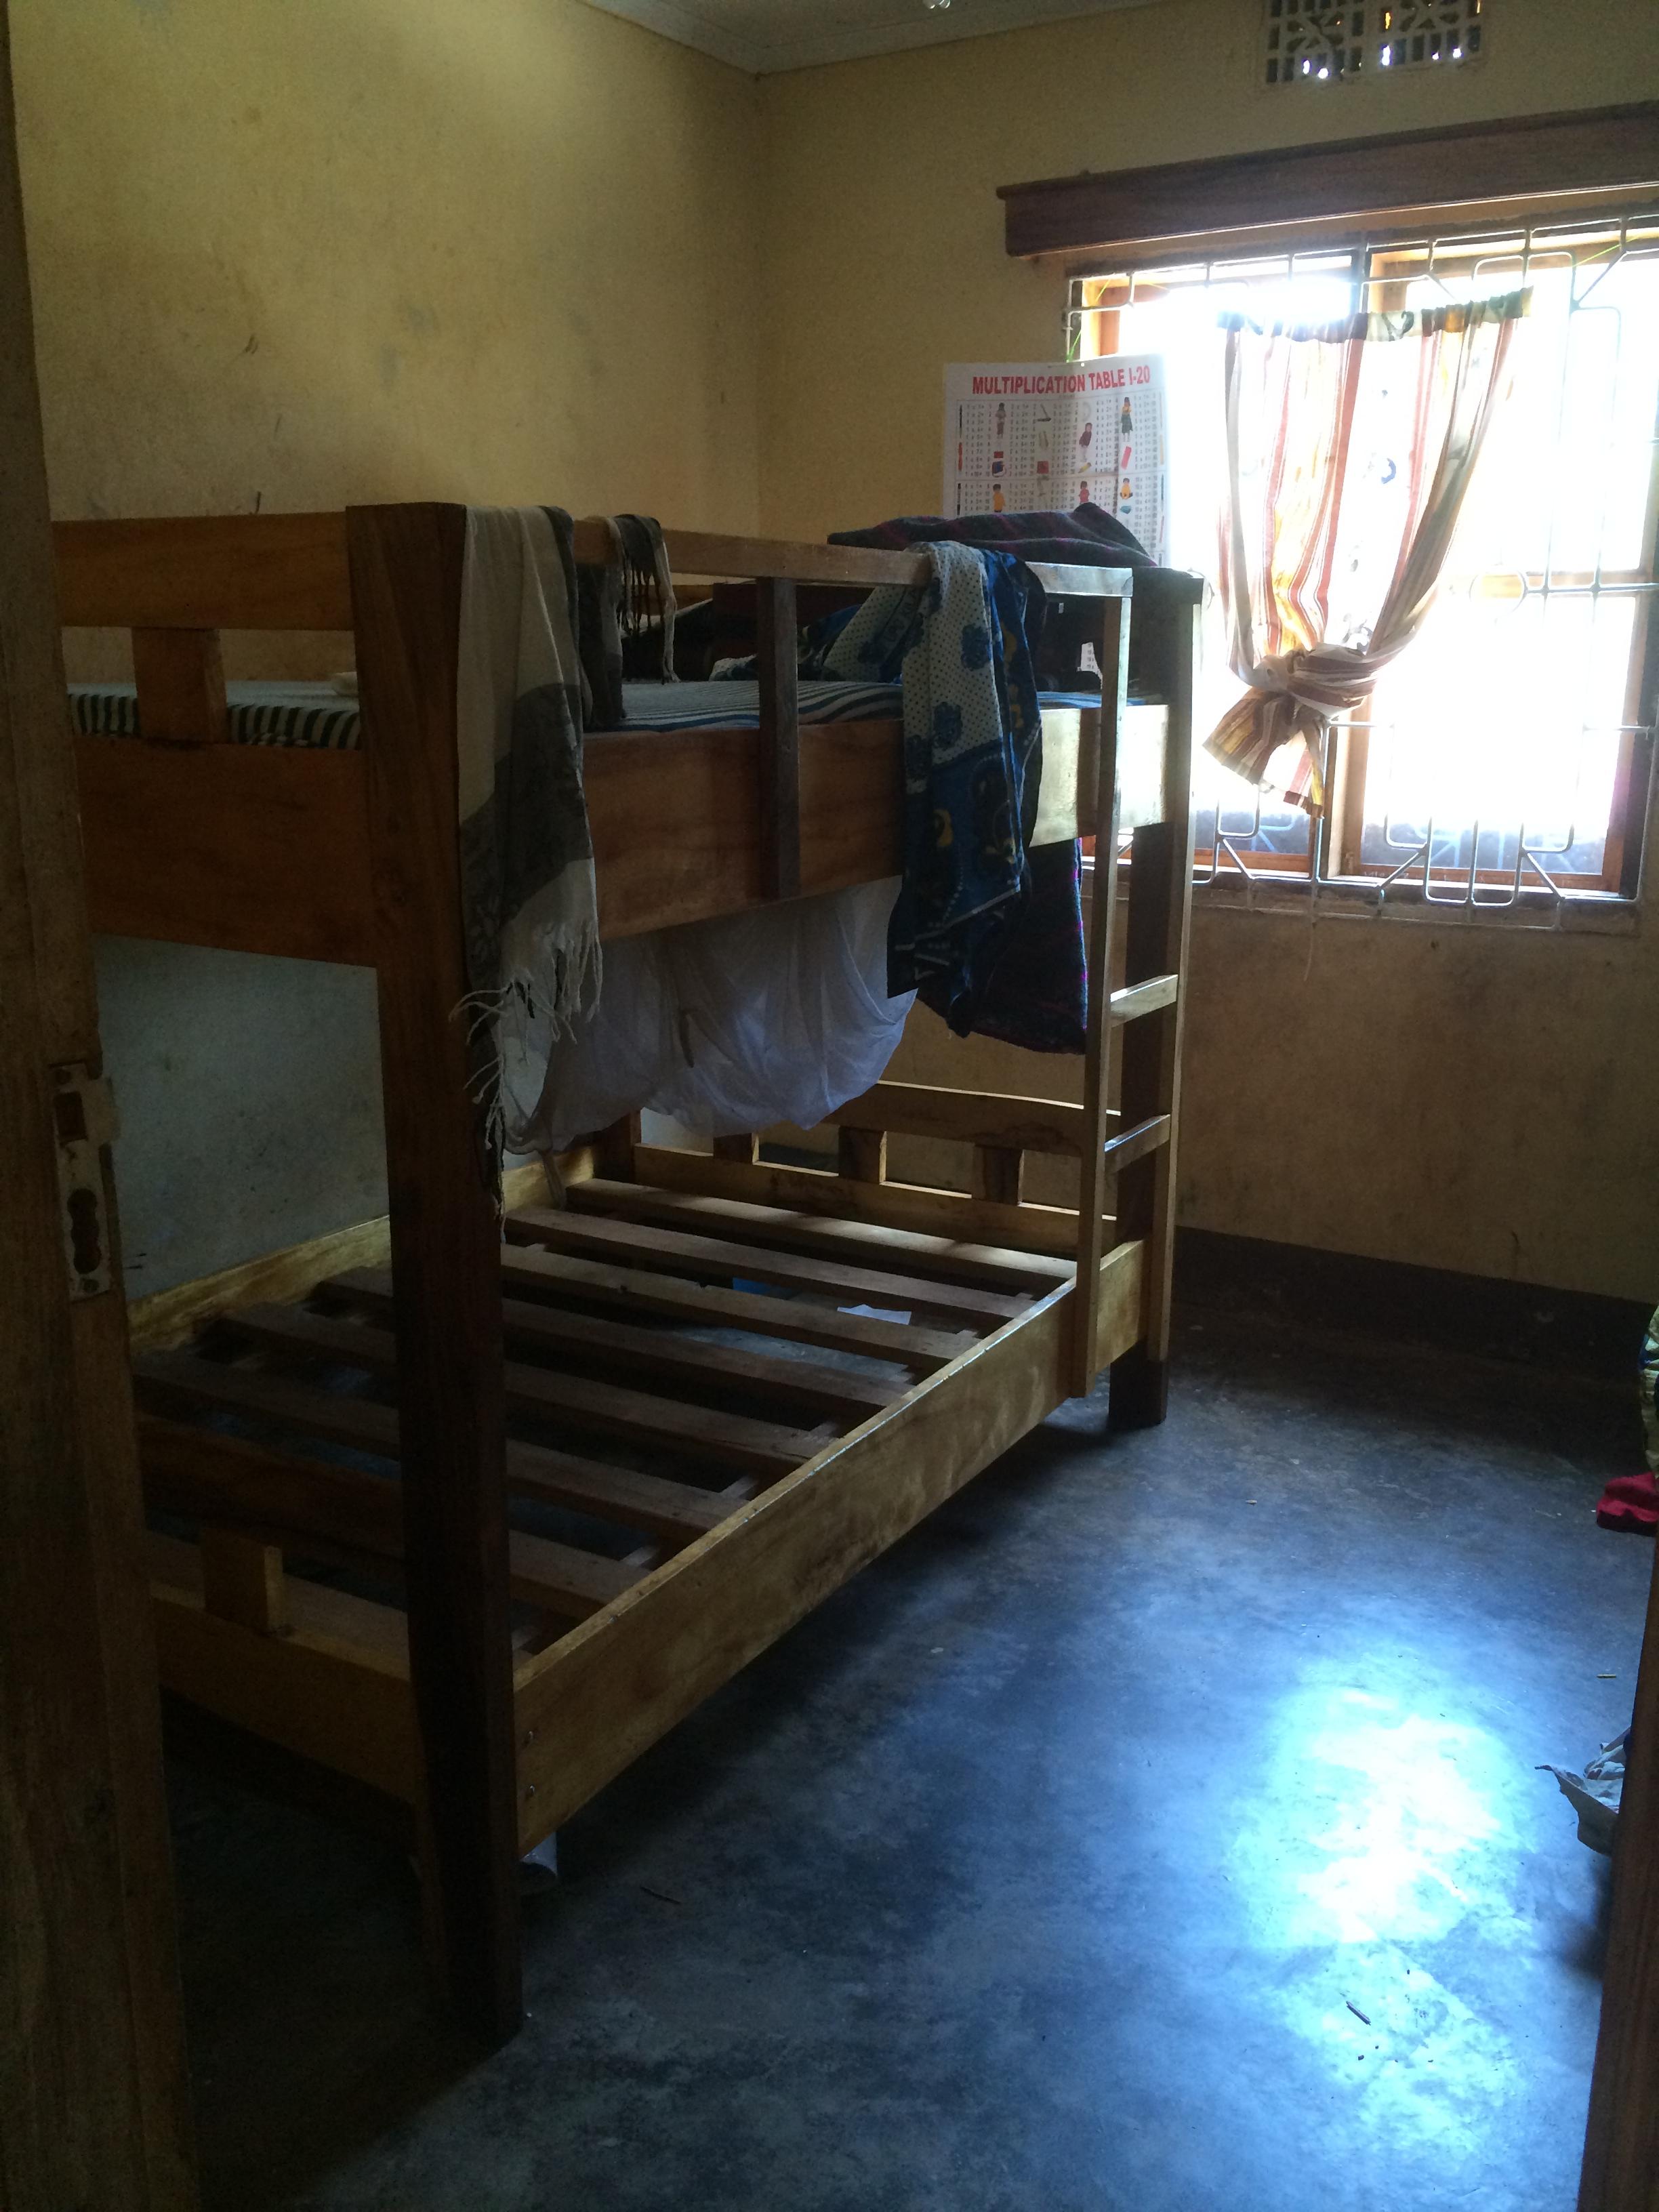 Tässä huoneessa asuu 30 lasta. Nolla kuuluu perään.